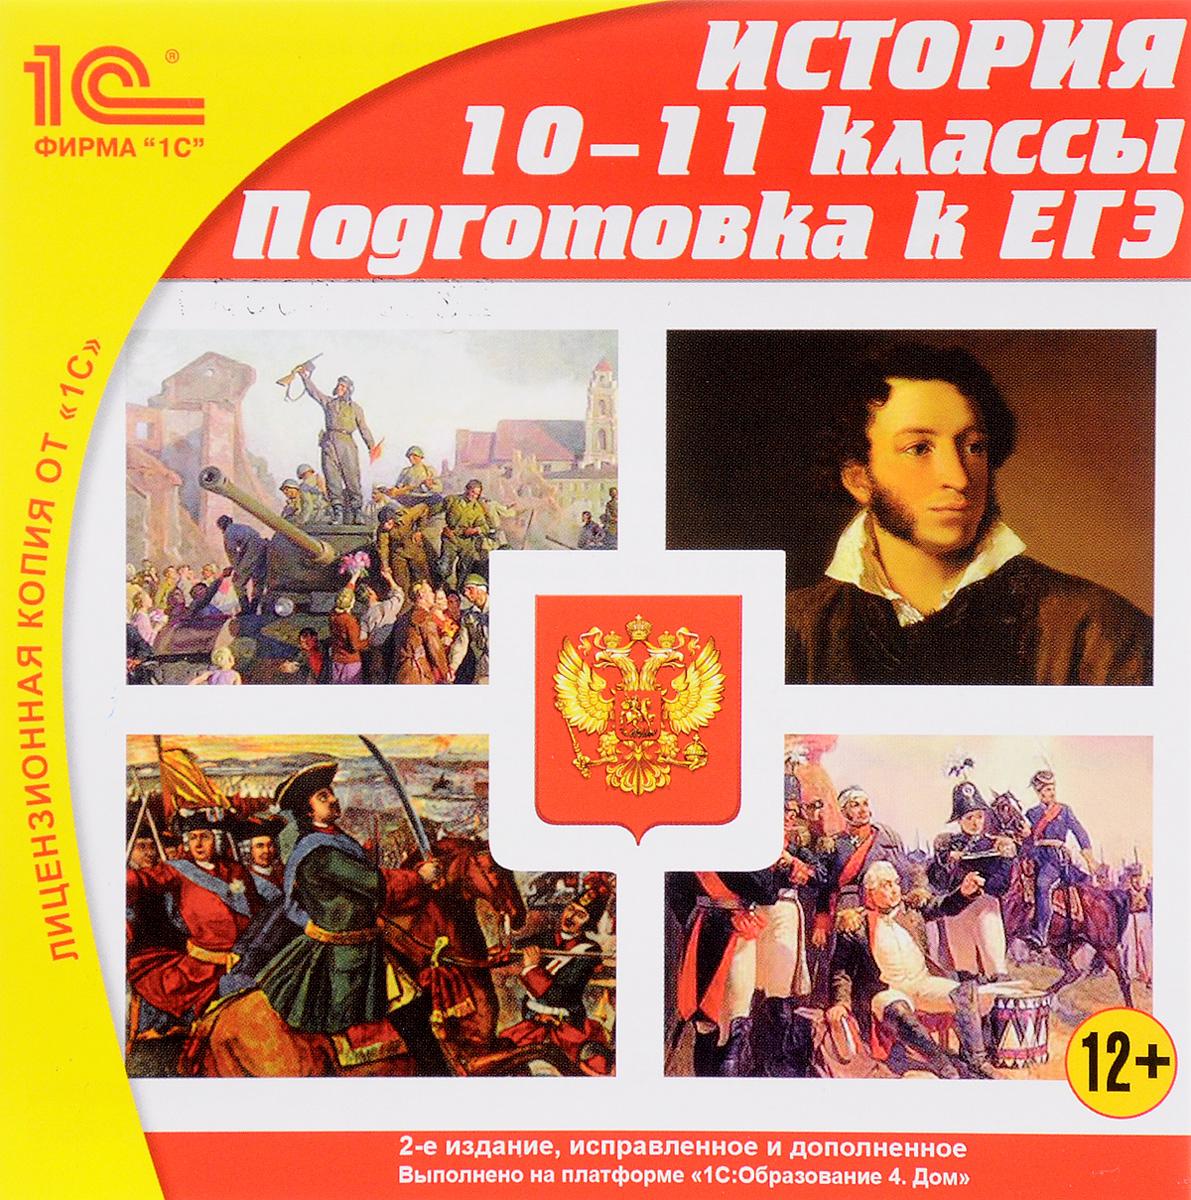 История. 10-11 классы. Подготовка к ЕГЭ. Издание 2-е, исправленное и дополненное